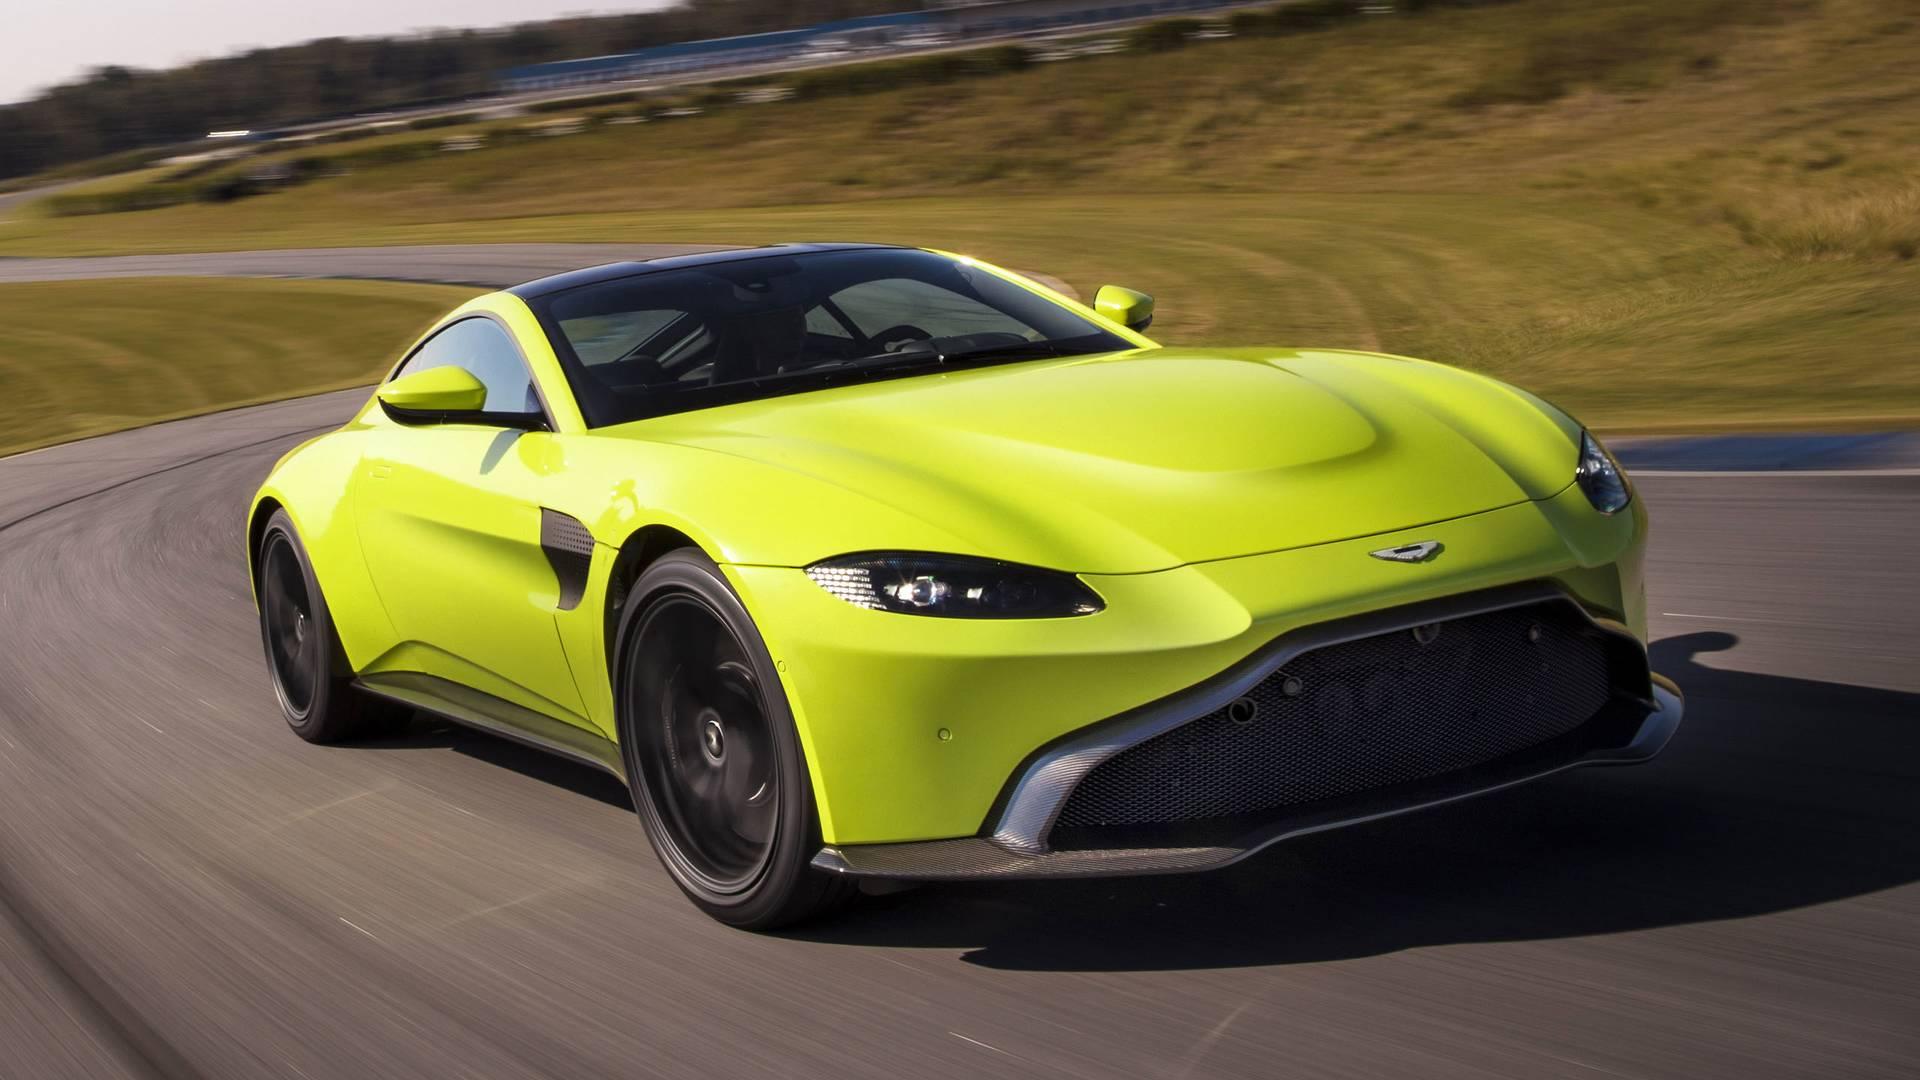 New Aston Martin >> Aston Martin V12 Vantage Under Consideration Manual V8 Coming